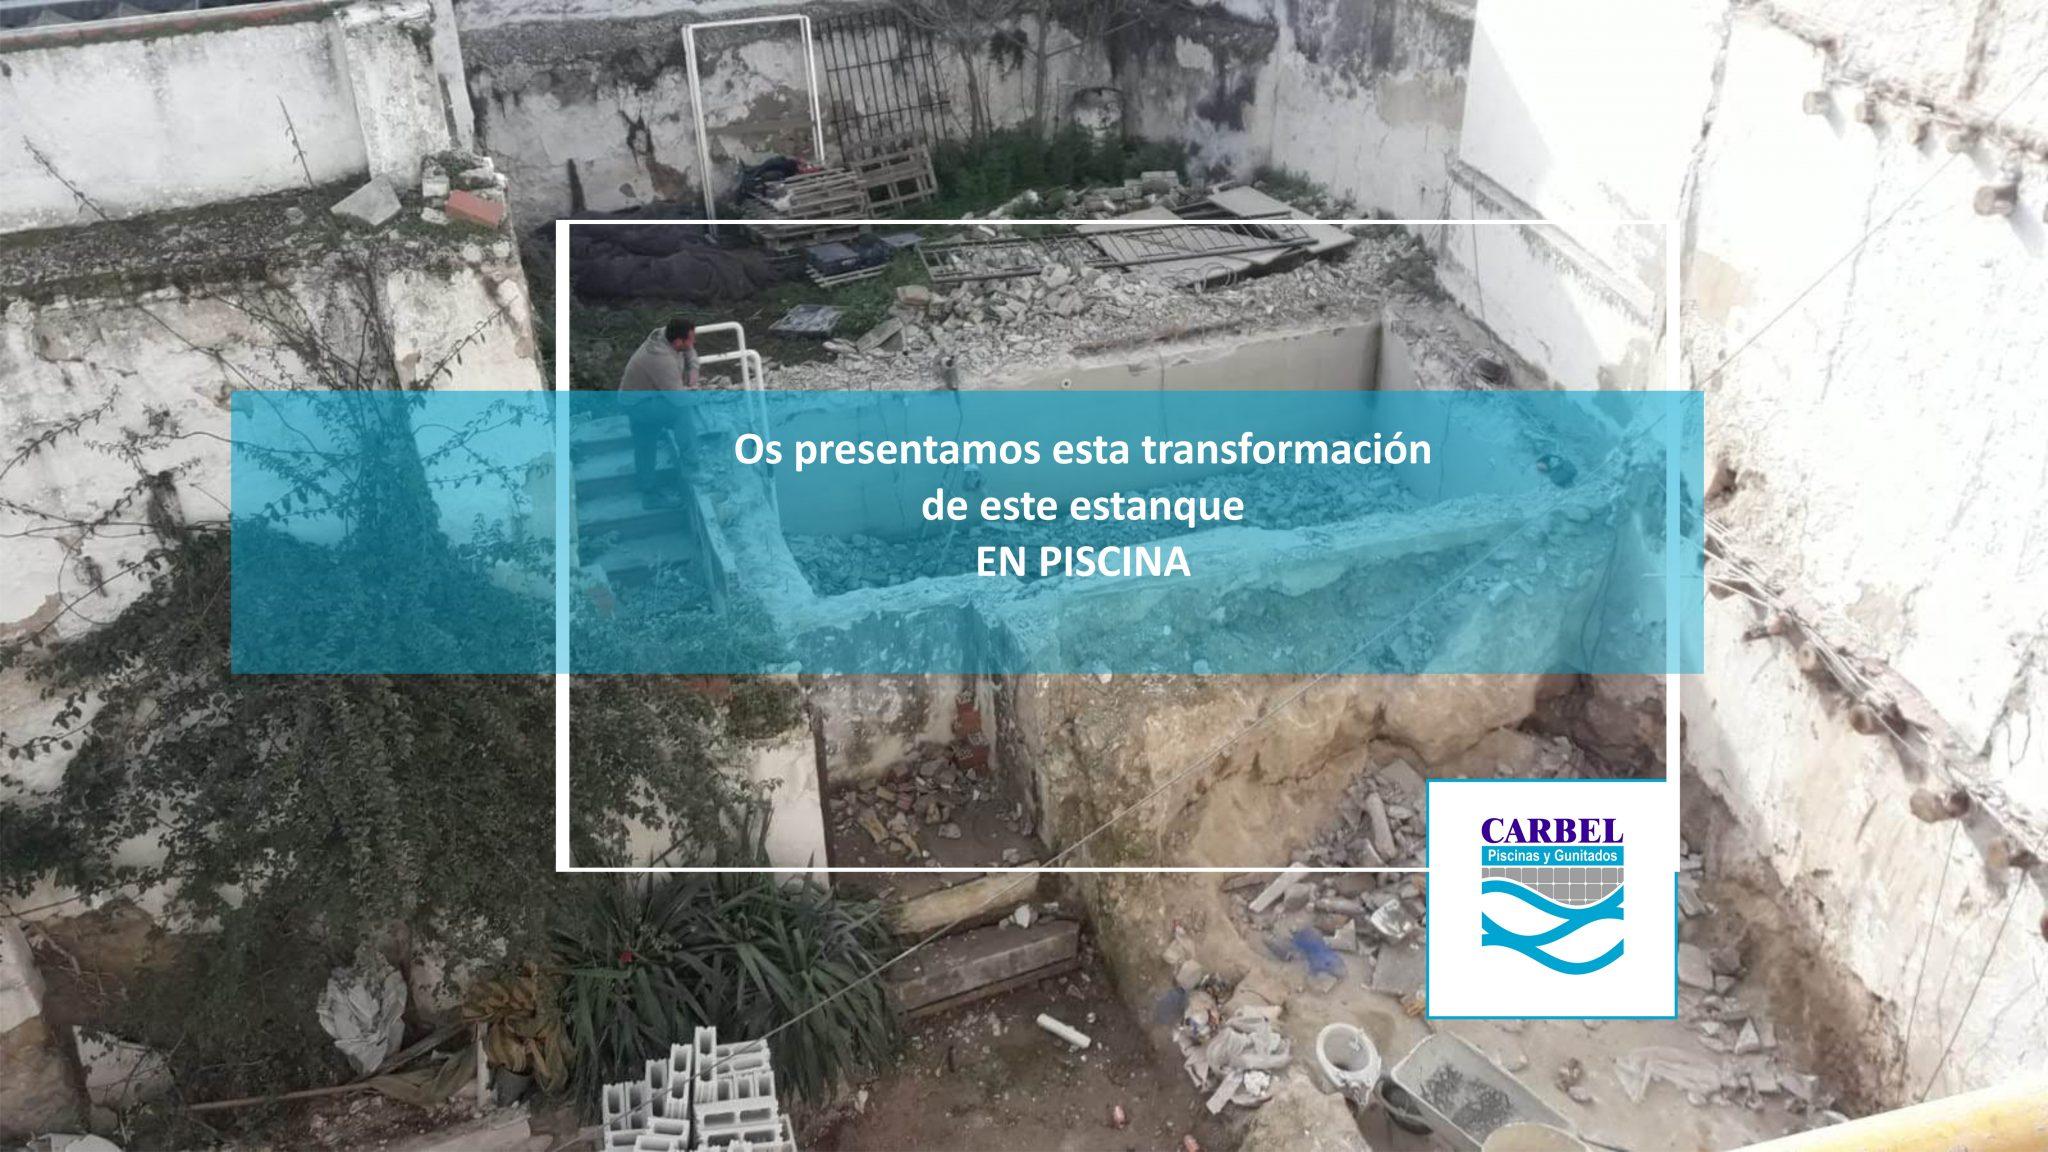 Transformación de estanque en Piscina